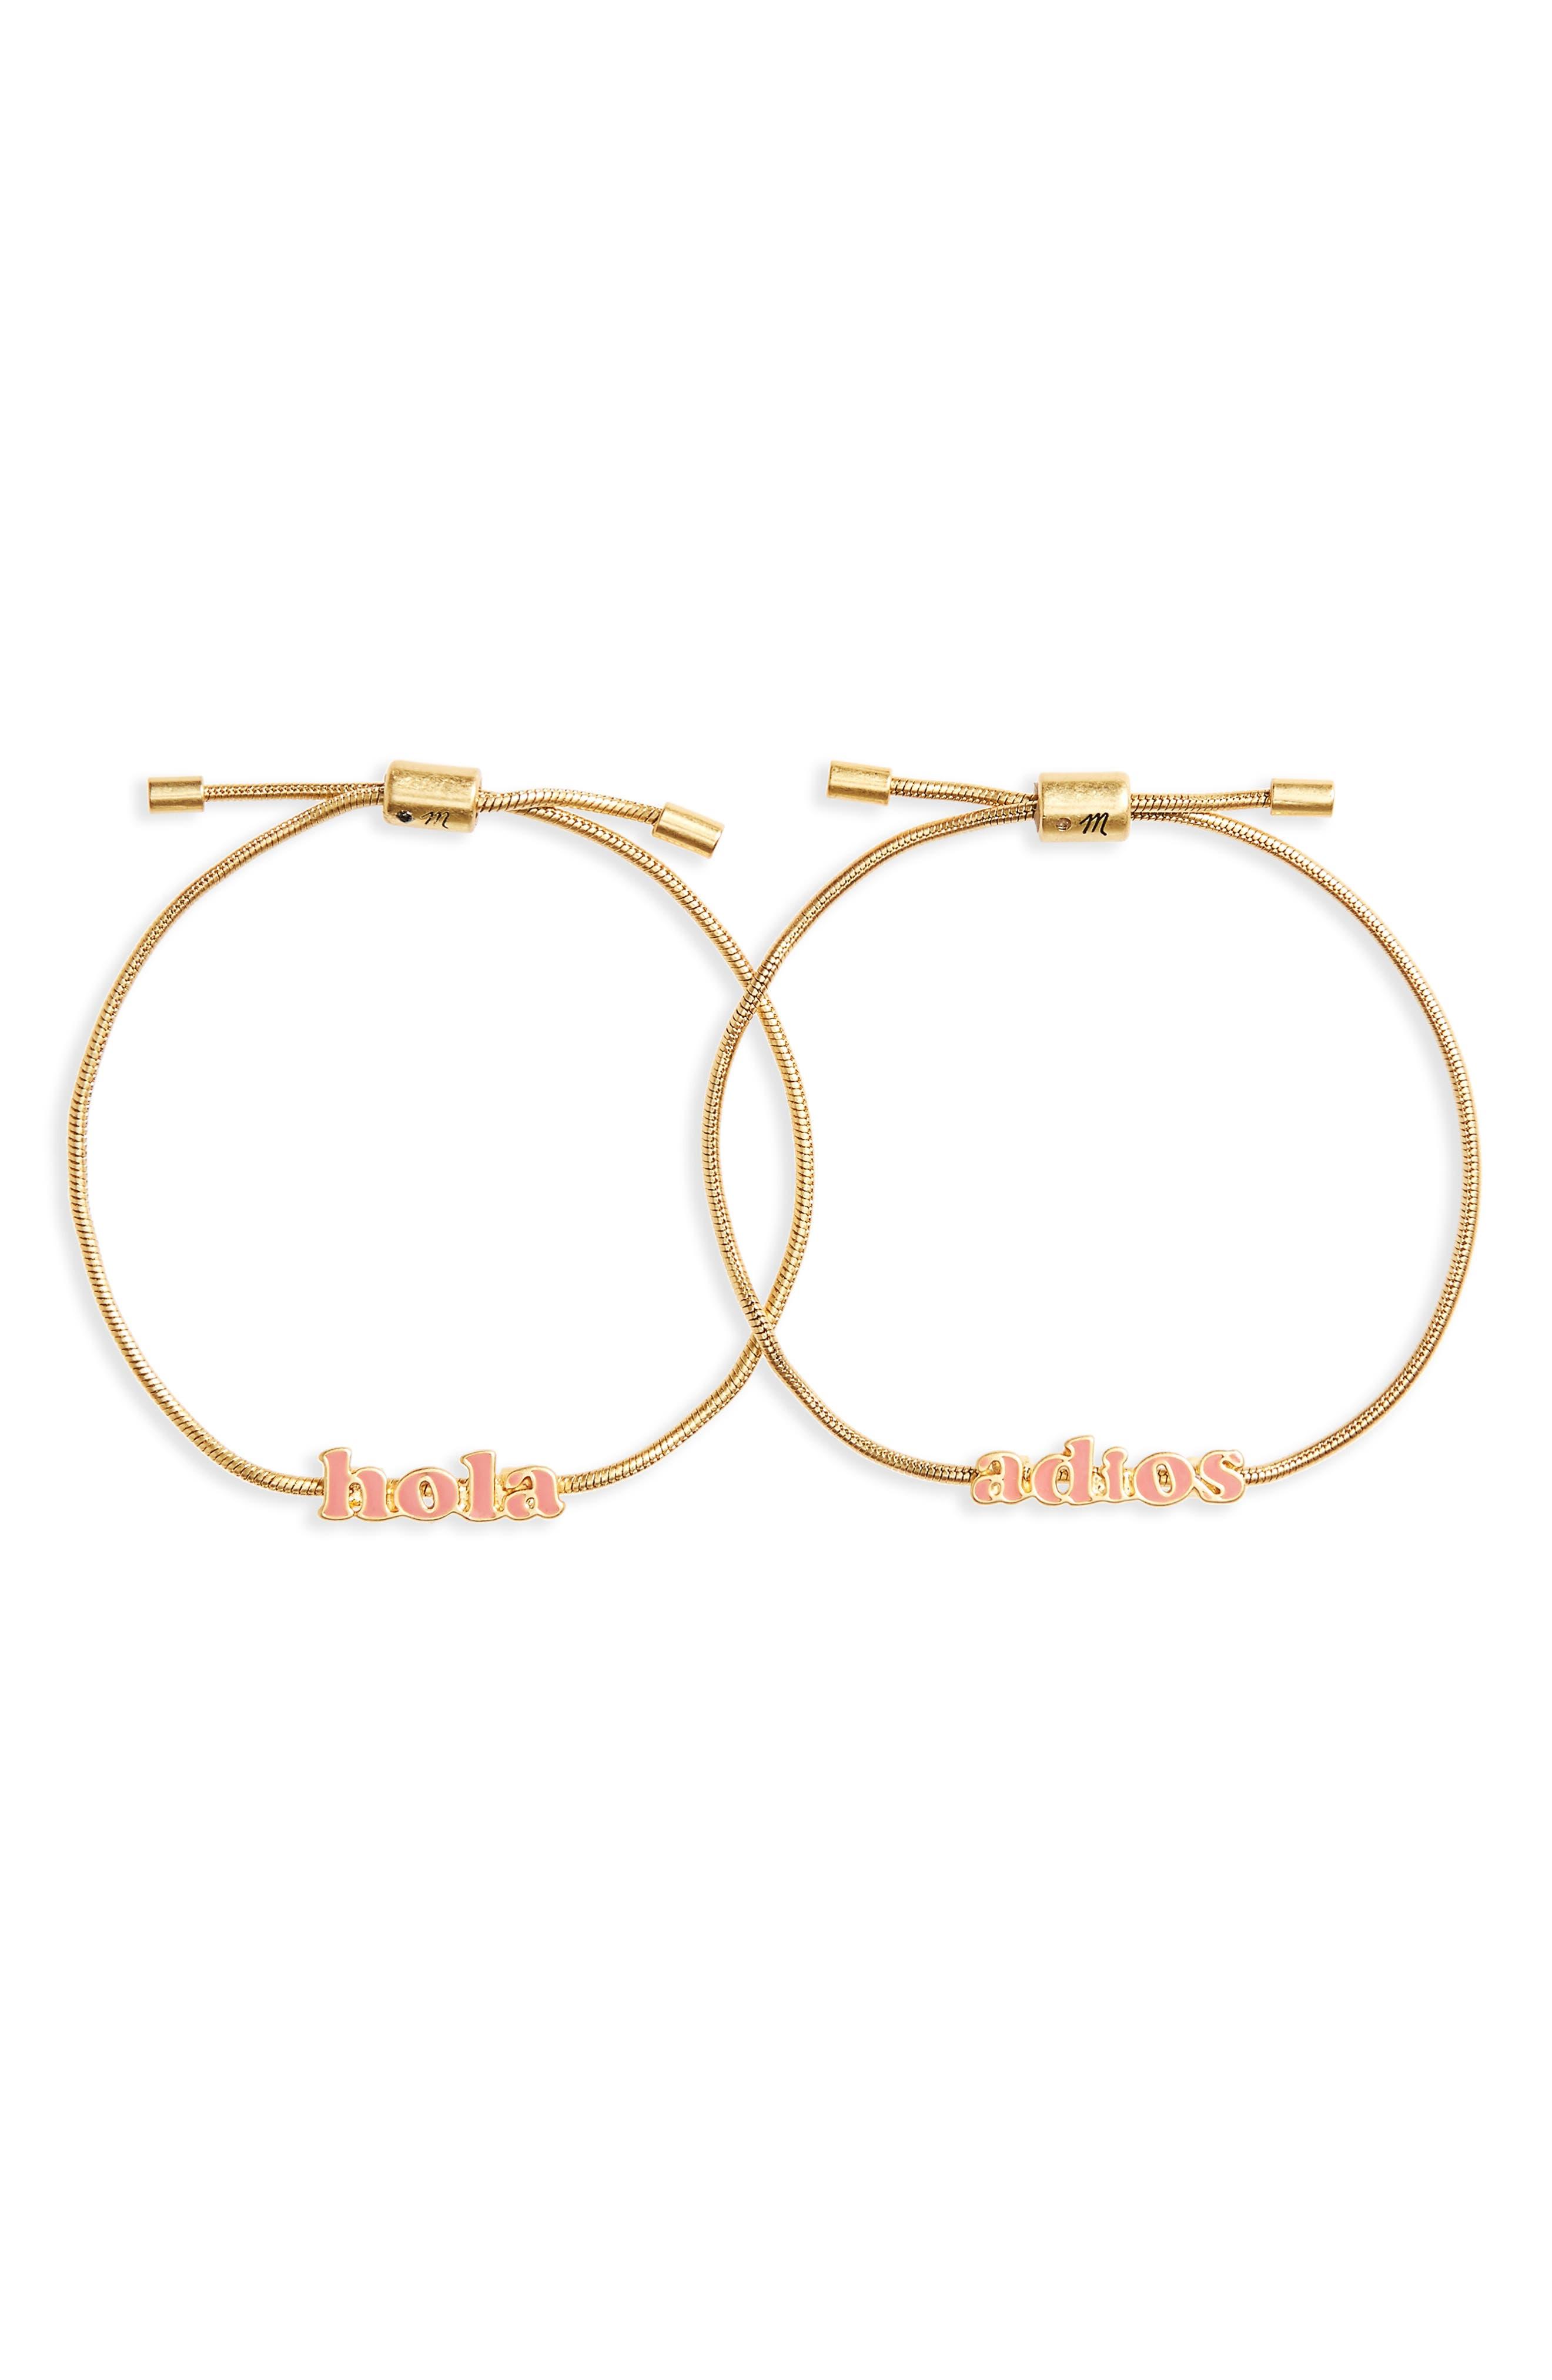 Set of 2 Friendship Bracelets,                         Main,                         color, Hola Set